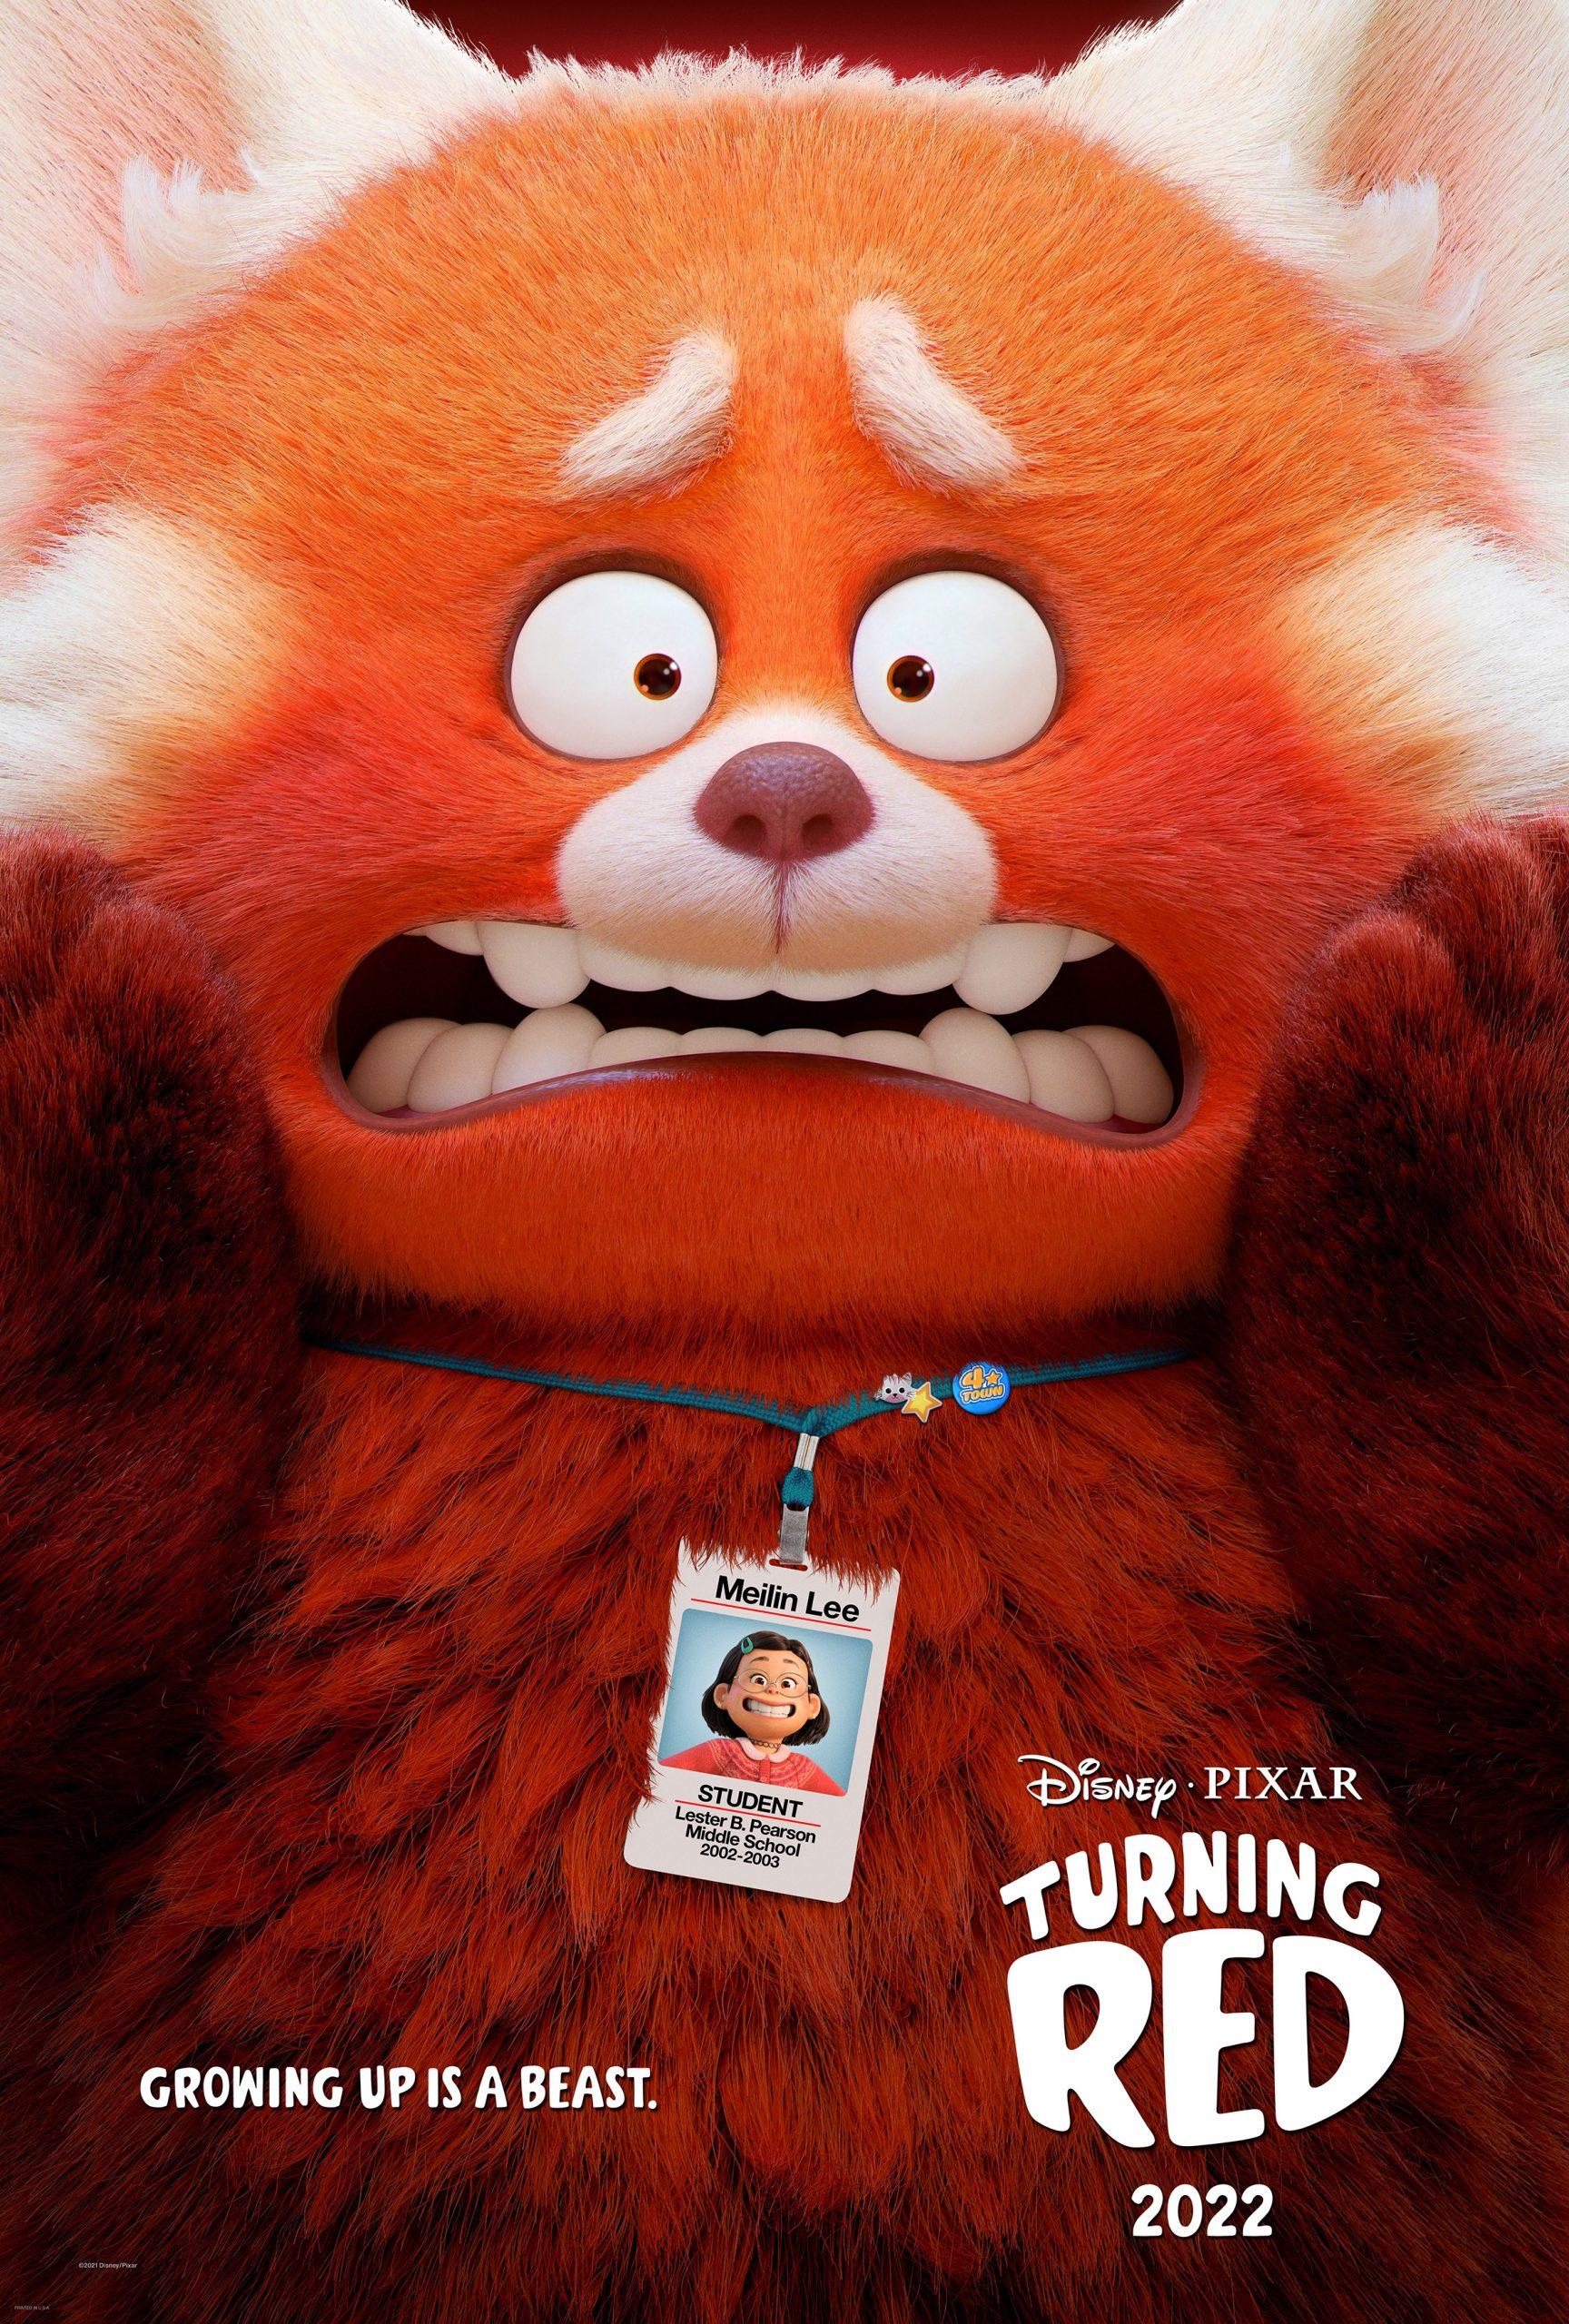 Disney Pixar's Turning Red